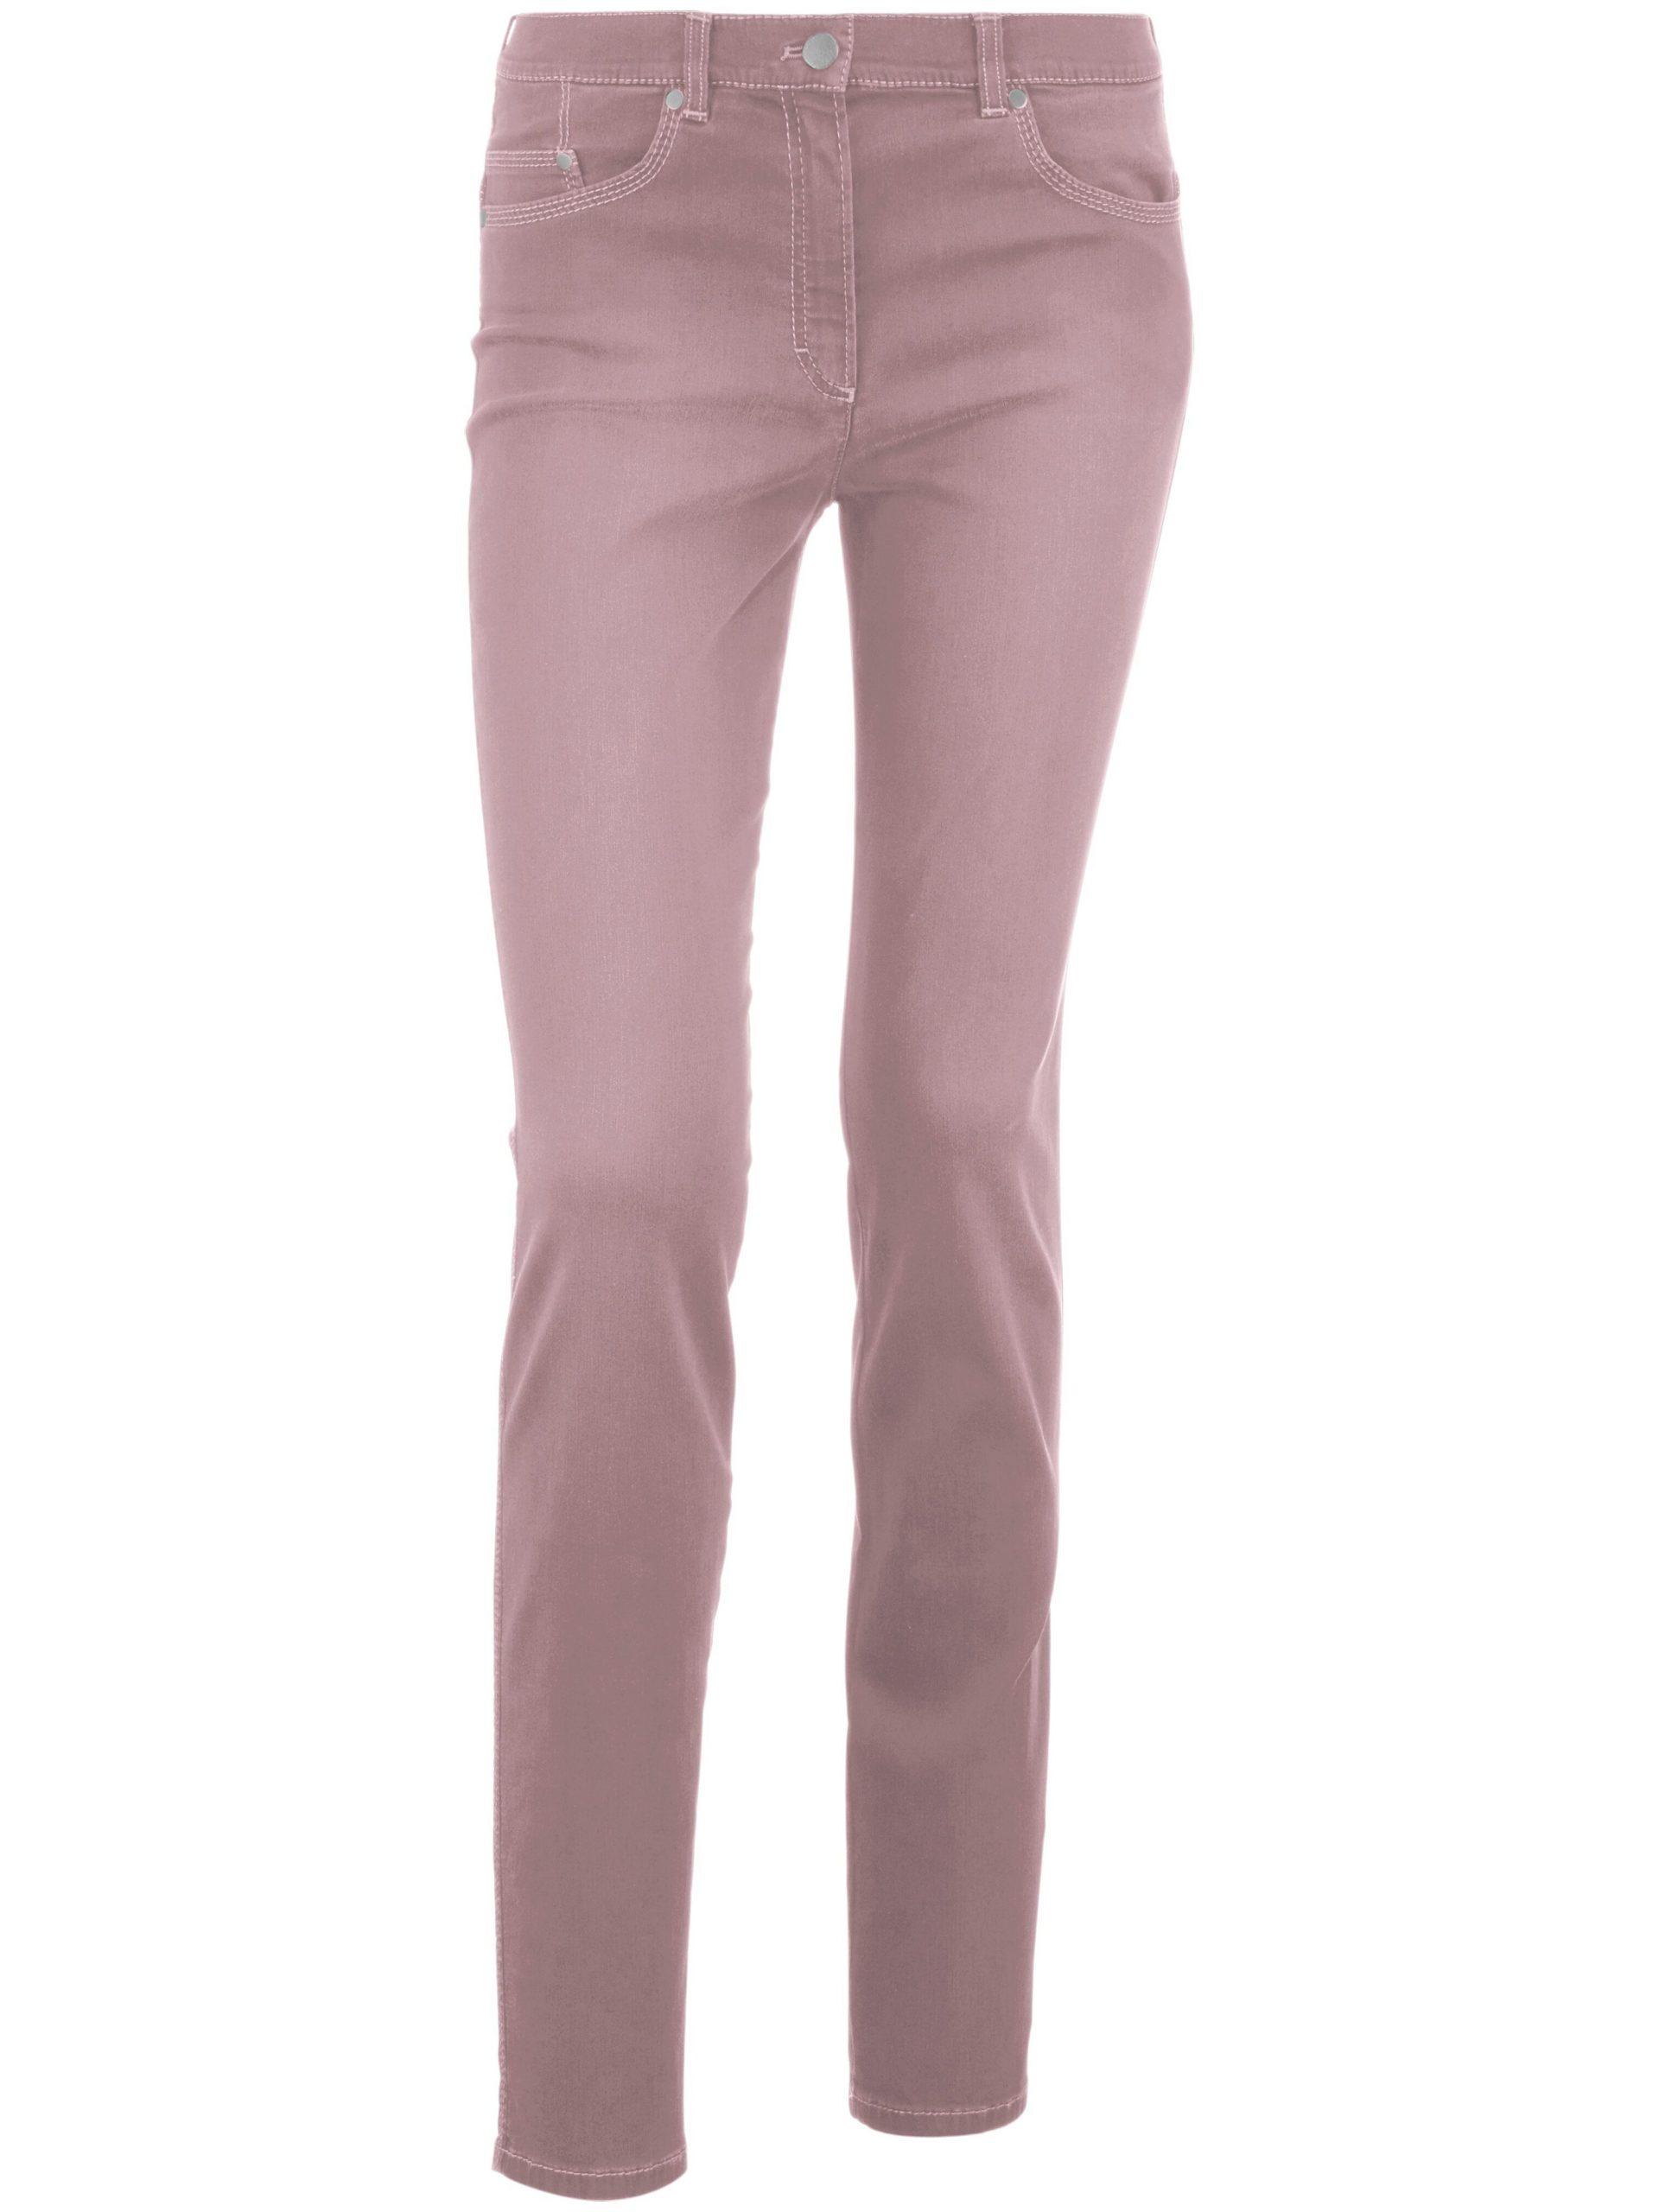 Corrigerende Comfort Plus-jeans model Caren Van Raphaela by Brax paars Kopen